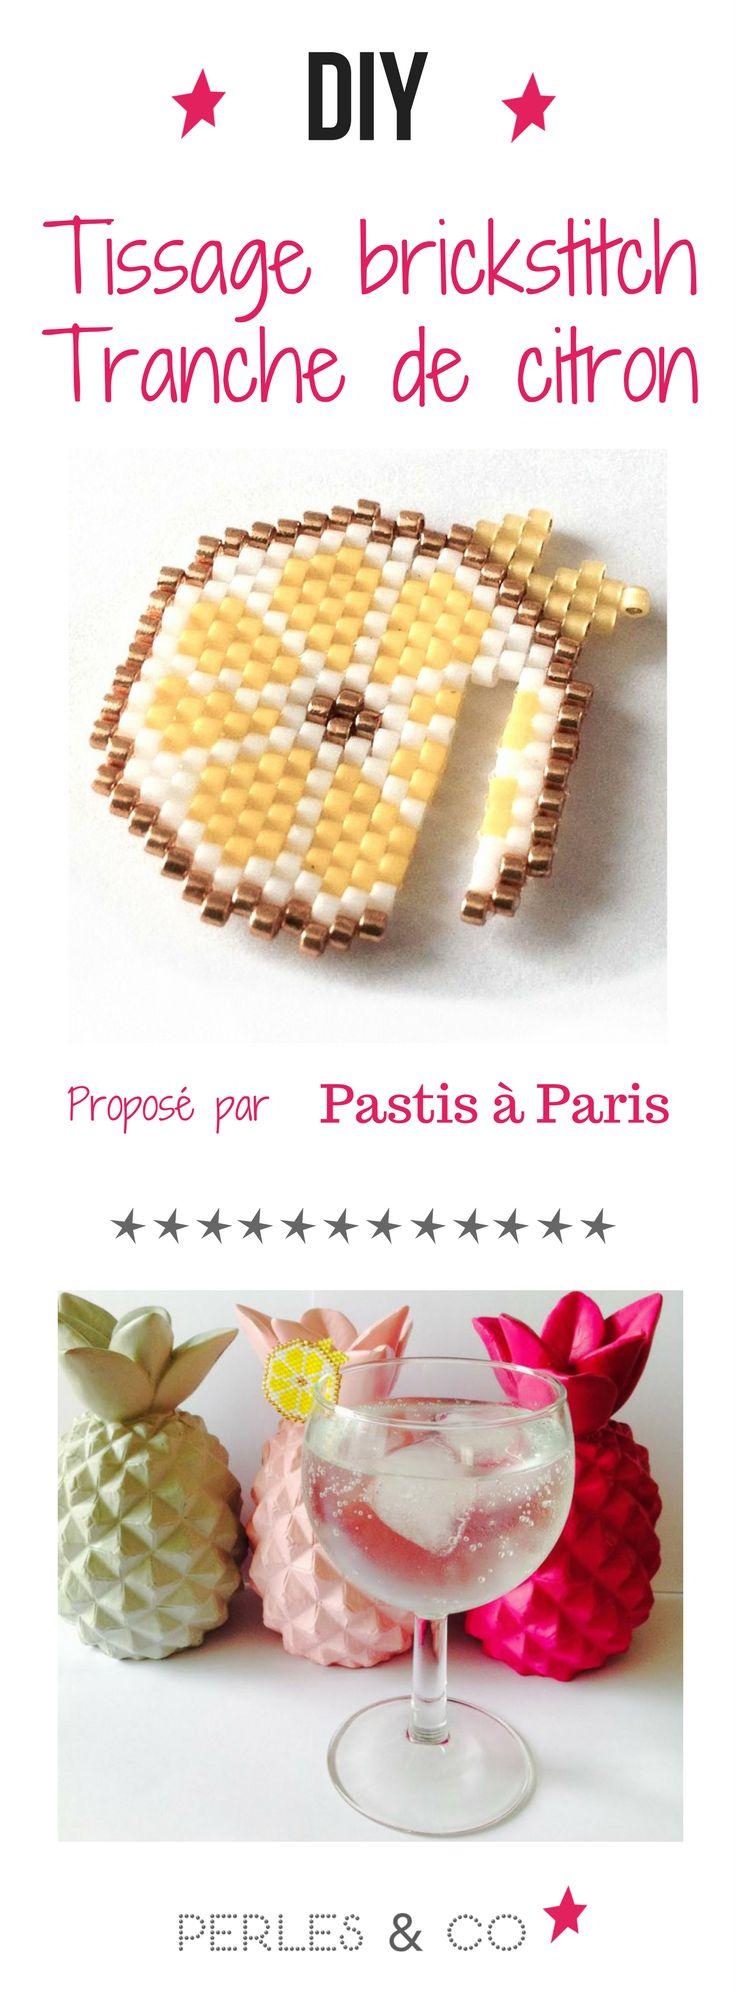 Karyne de @Pastisaparis a proposé le tissage brick stitch d'une tranche de citron à utiliser comme un marque verre, pratique non ? On voit déjà ce tissage décorer tous nos jolis coktails de cet été !